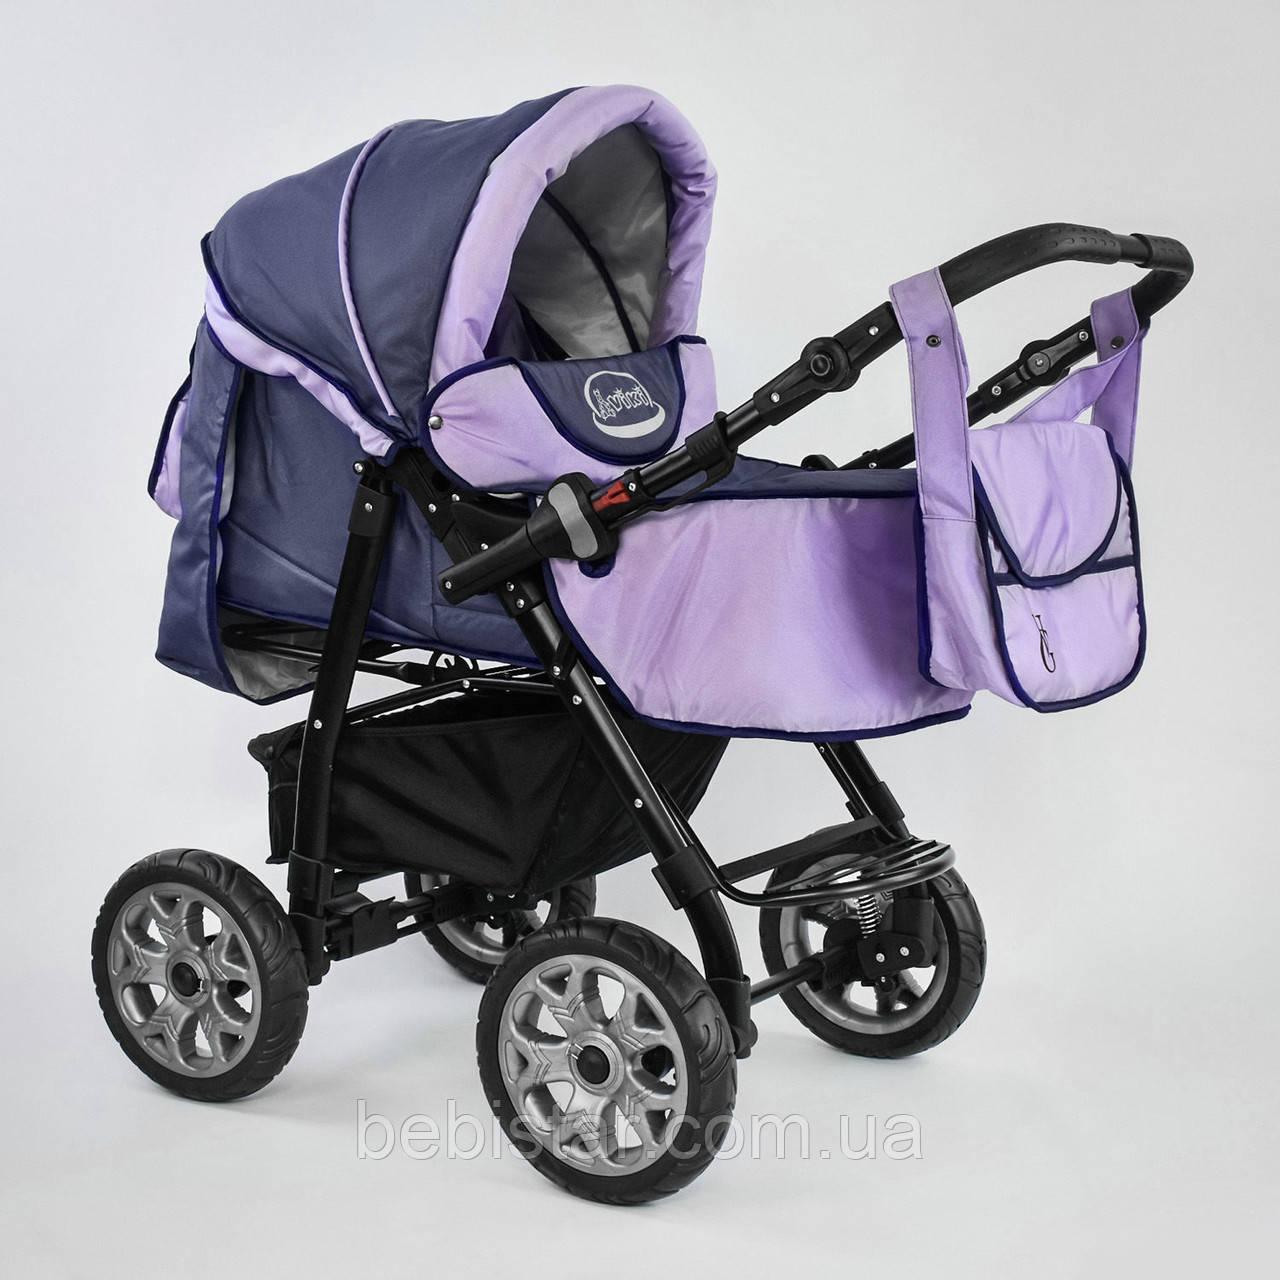 Дитяча коляска-трансформер 2в1 фіолетова Viki 86 Karina сумка дощовик люлька малюкам від народження до 3 років